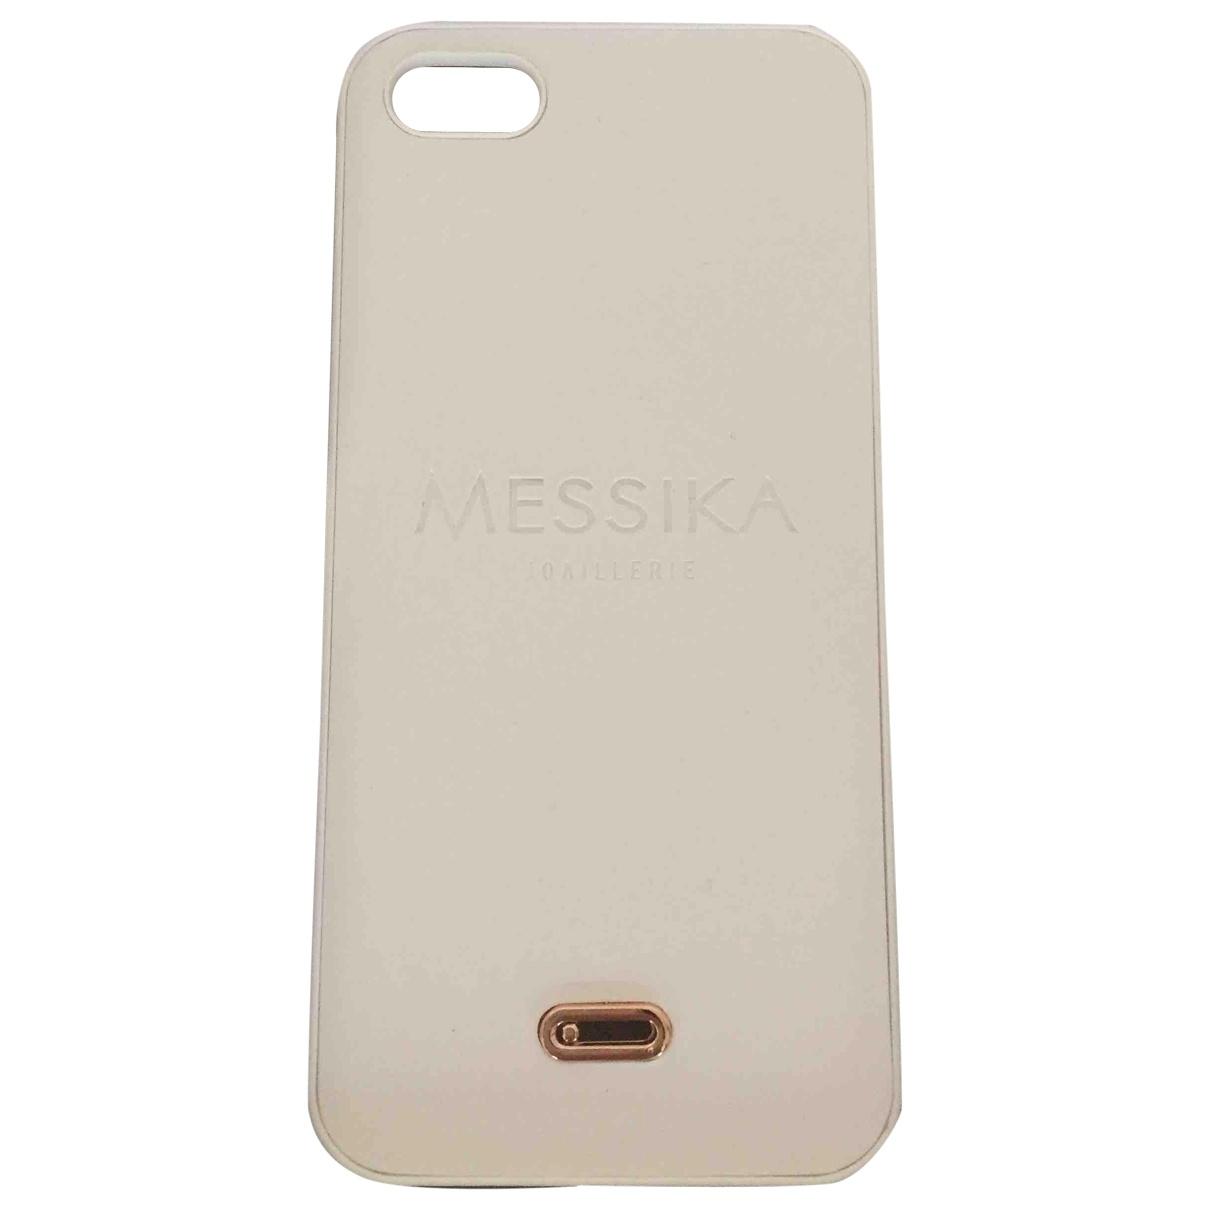 Messika - Accessoires   pour lifestyle - blanc